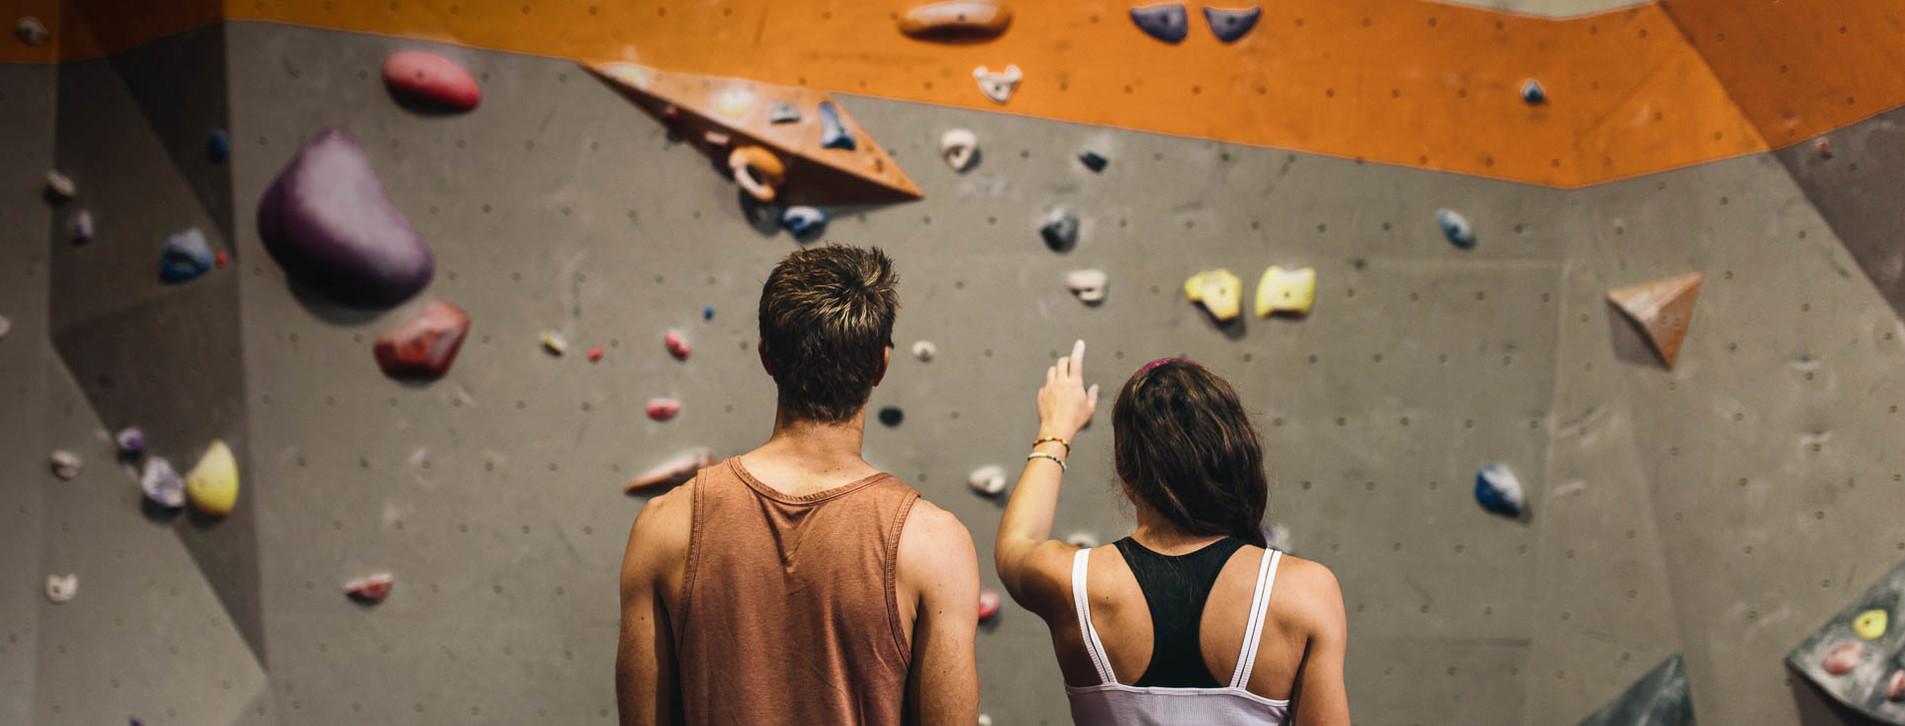 Фото - Мастер-класс скалолазания для двоих